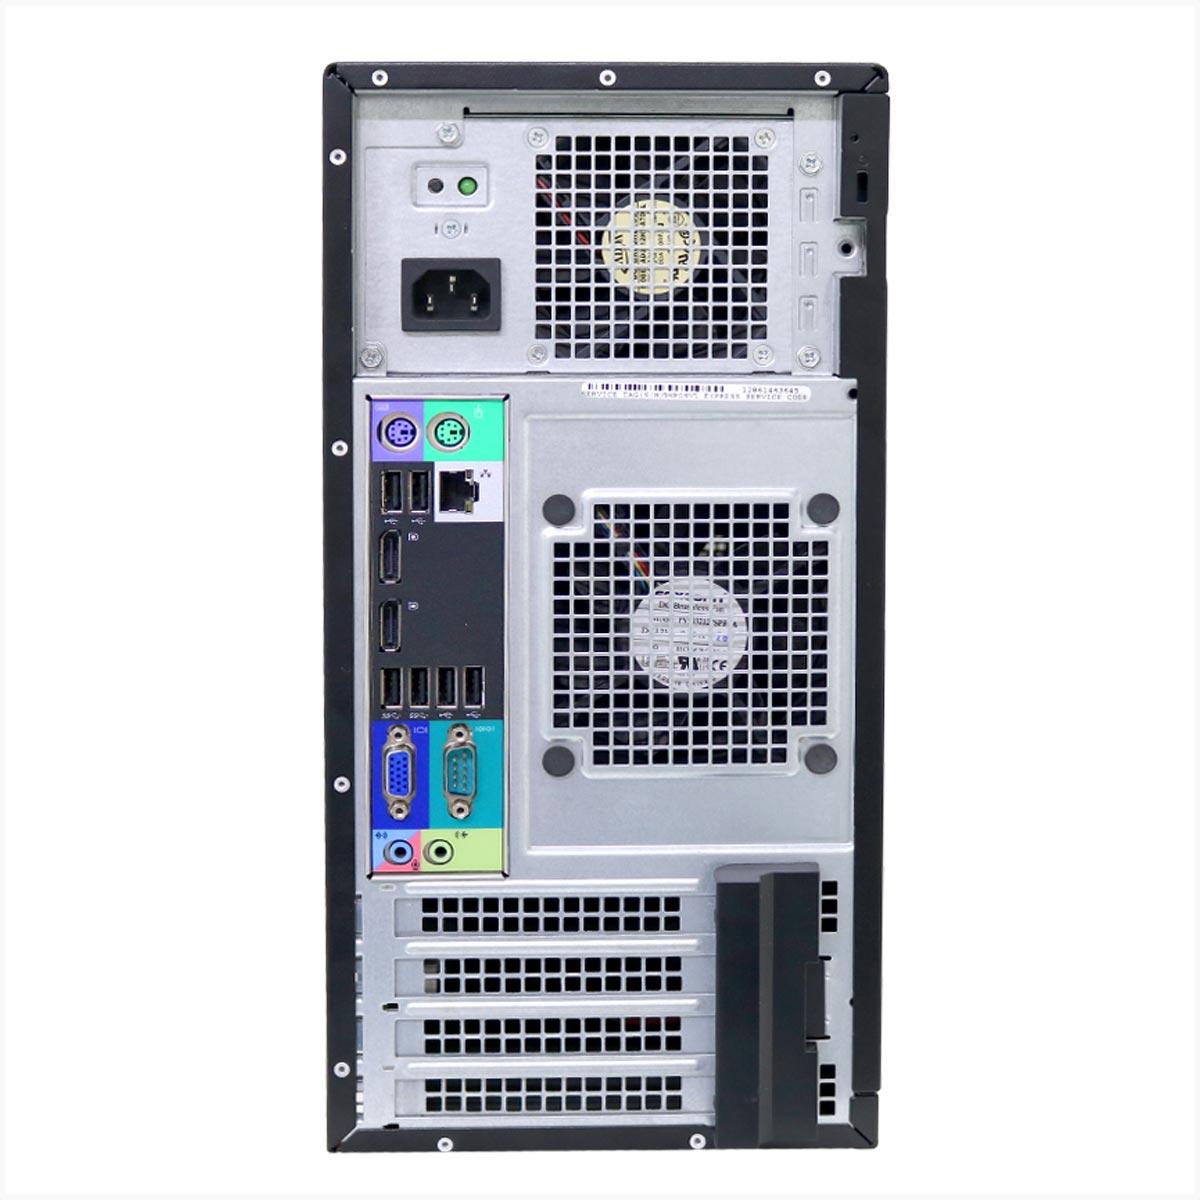 Desktop Dell Optiplex 7010 Big i7 8gb 1tb - Usado